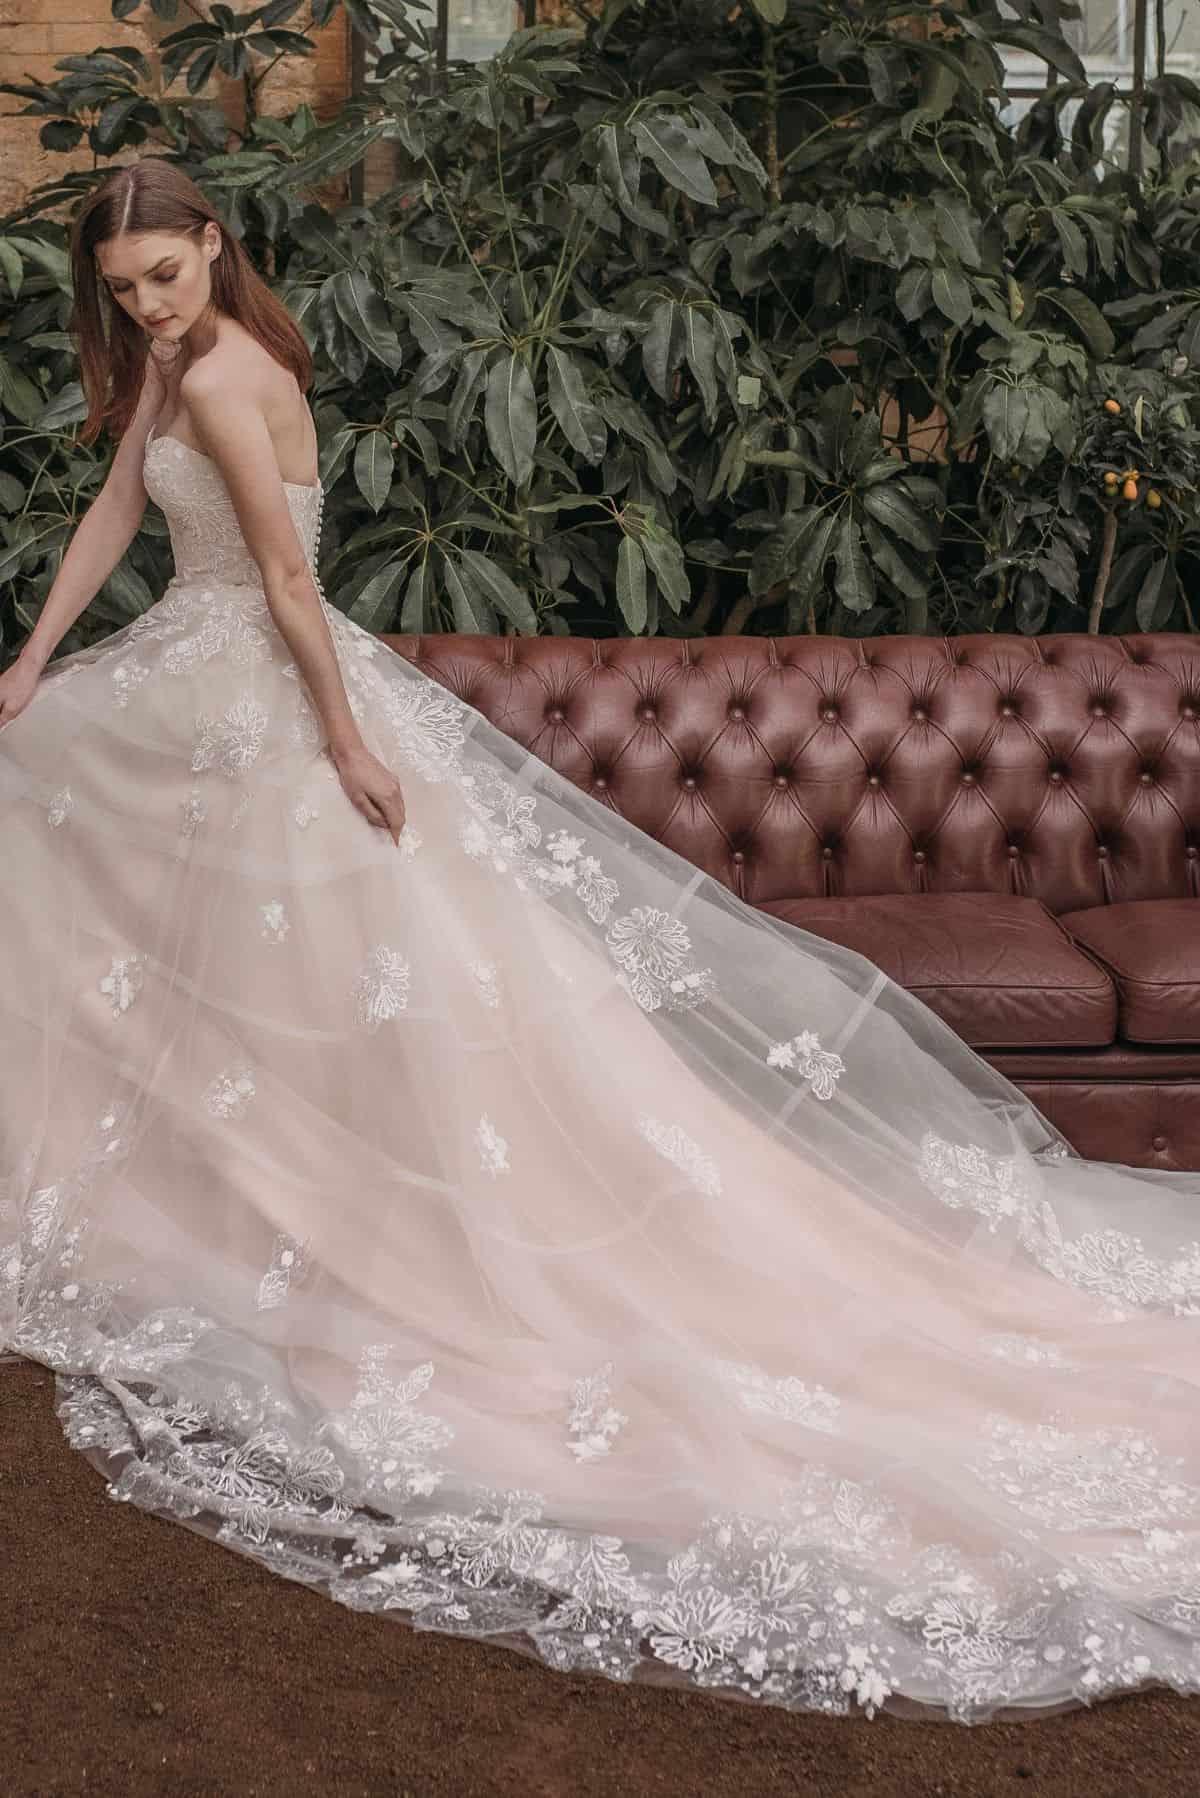 tienda de vestidos de novia personalizados de alta costura a medida en valencia